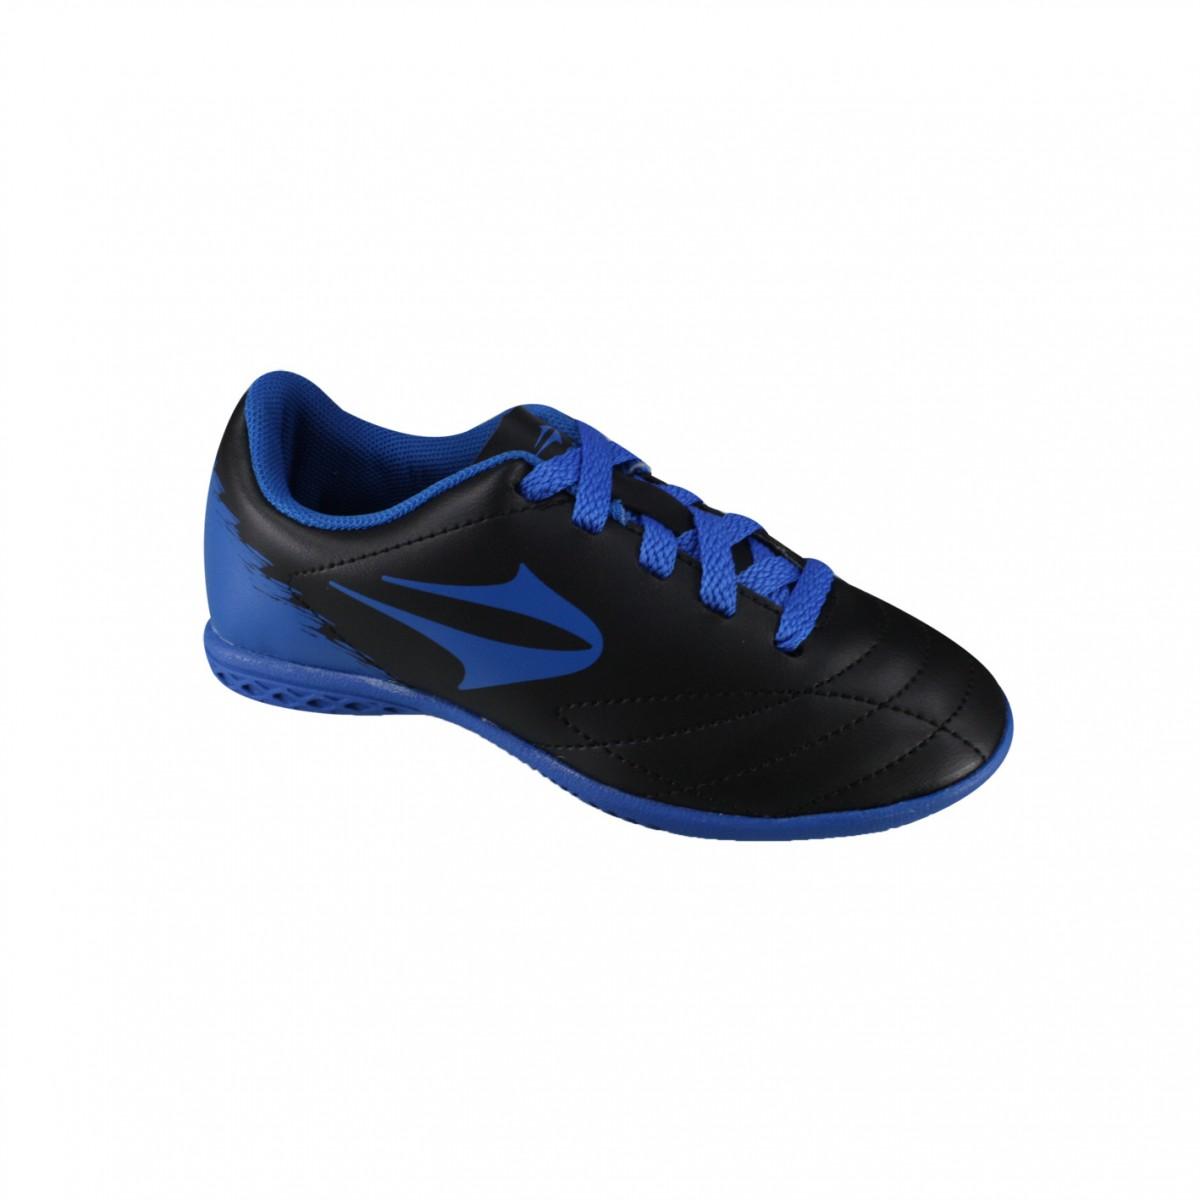 Indoor Infantil Topper Slick II JR 4133924 0095 - Preto Azul ... 9d140aaf4422f